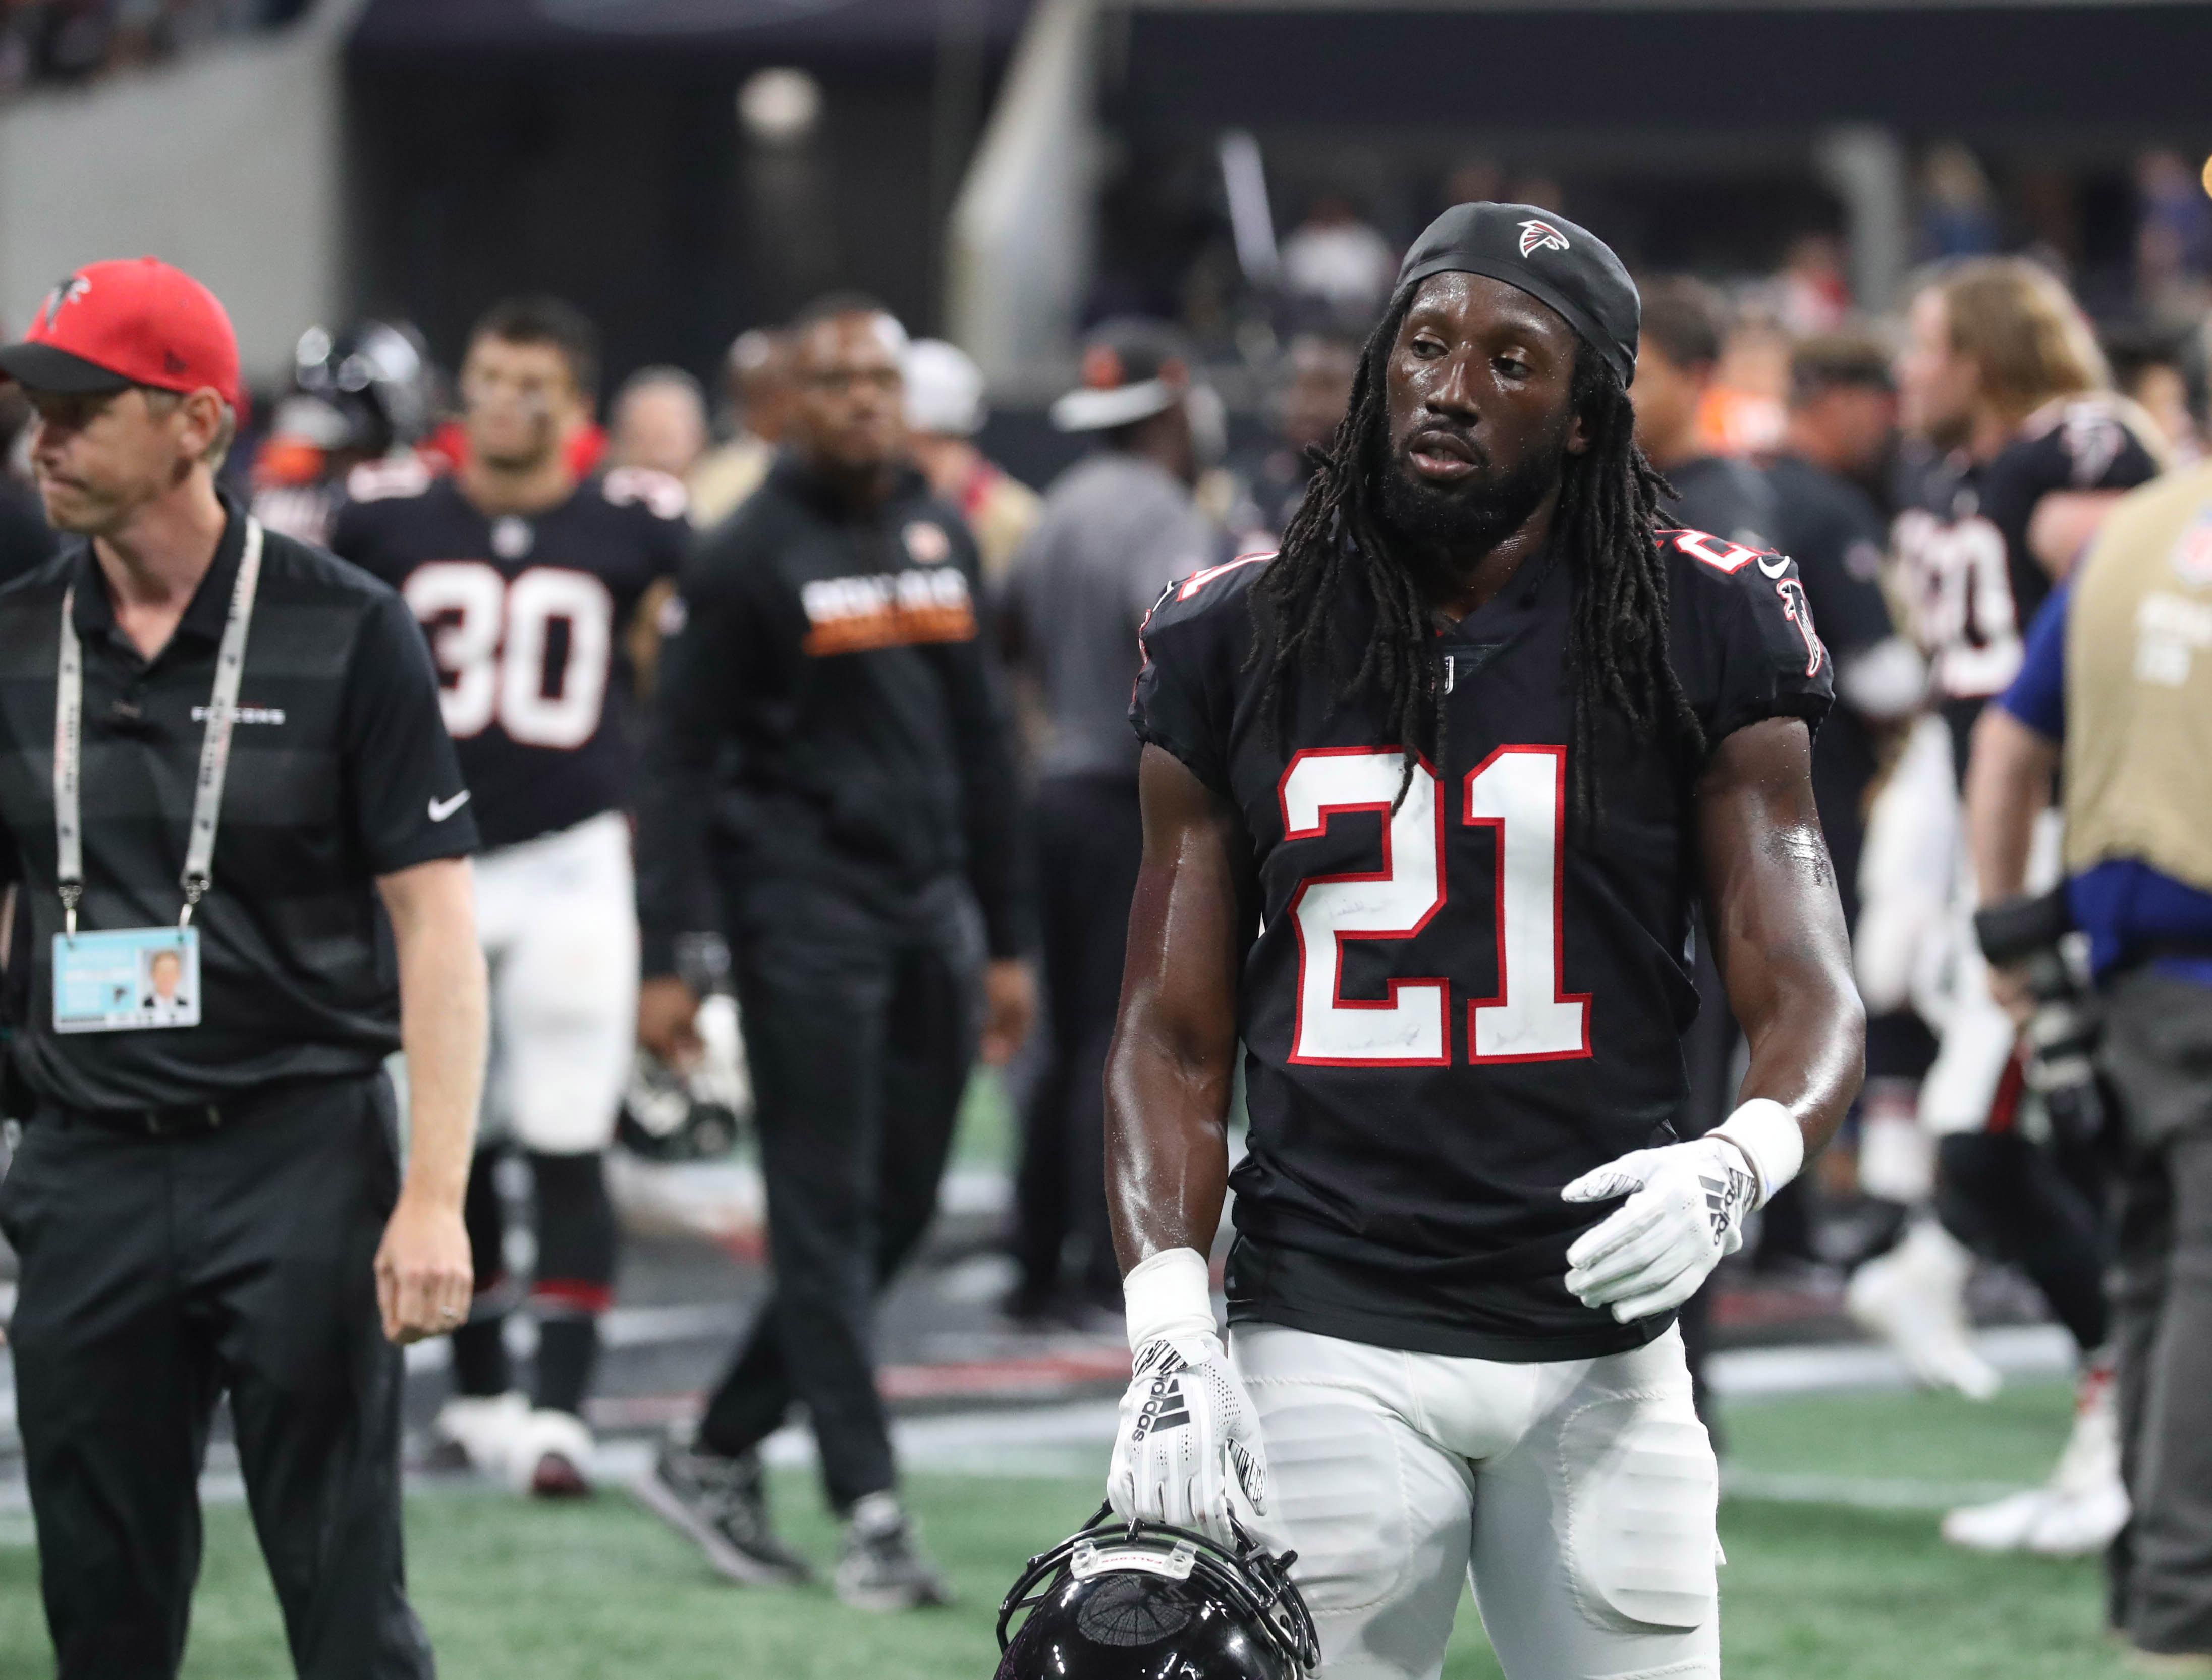 NFL: Cincinnati Bengals at Atlanta Falcons